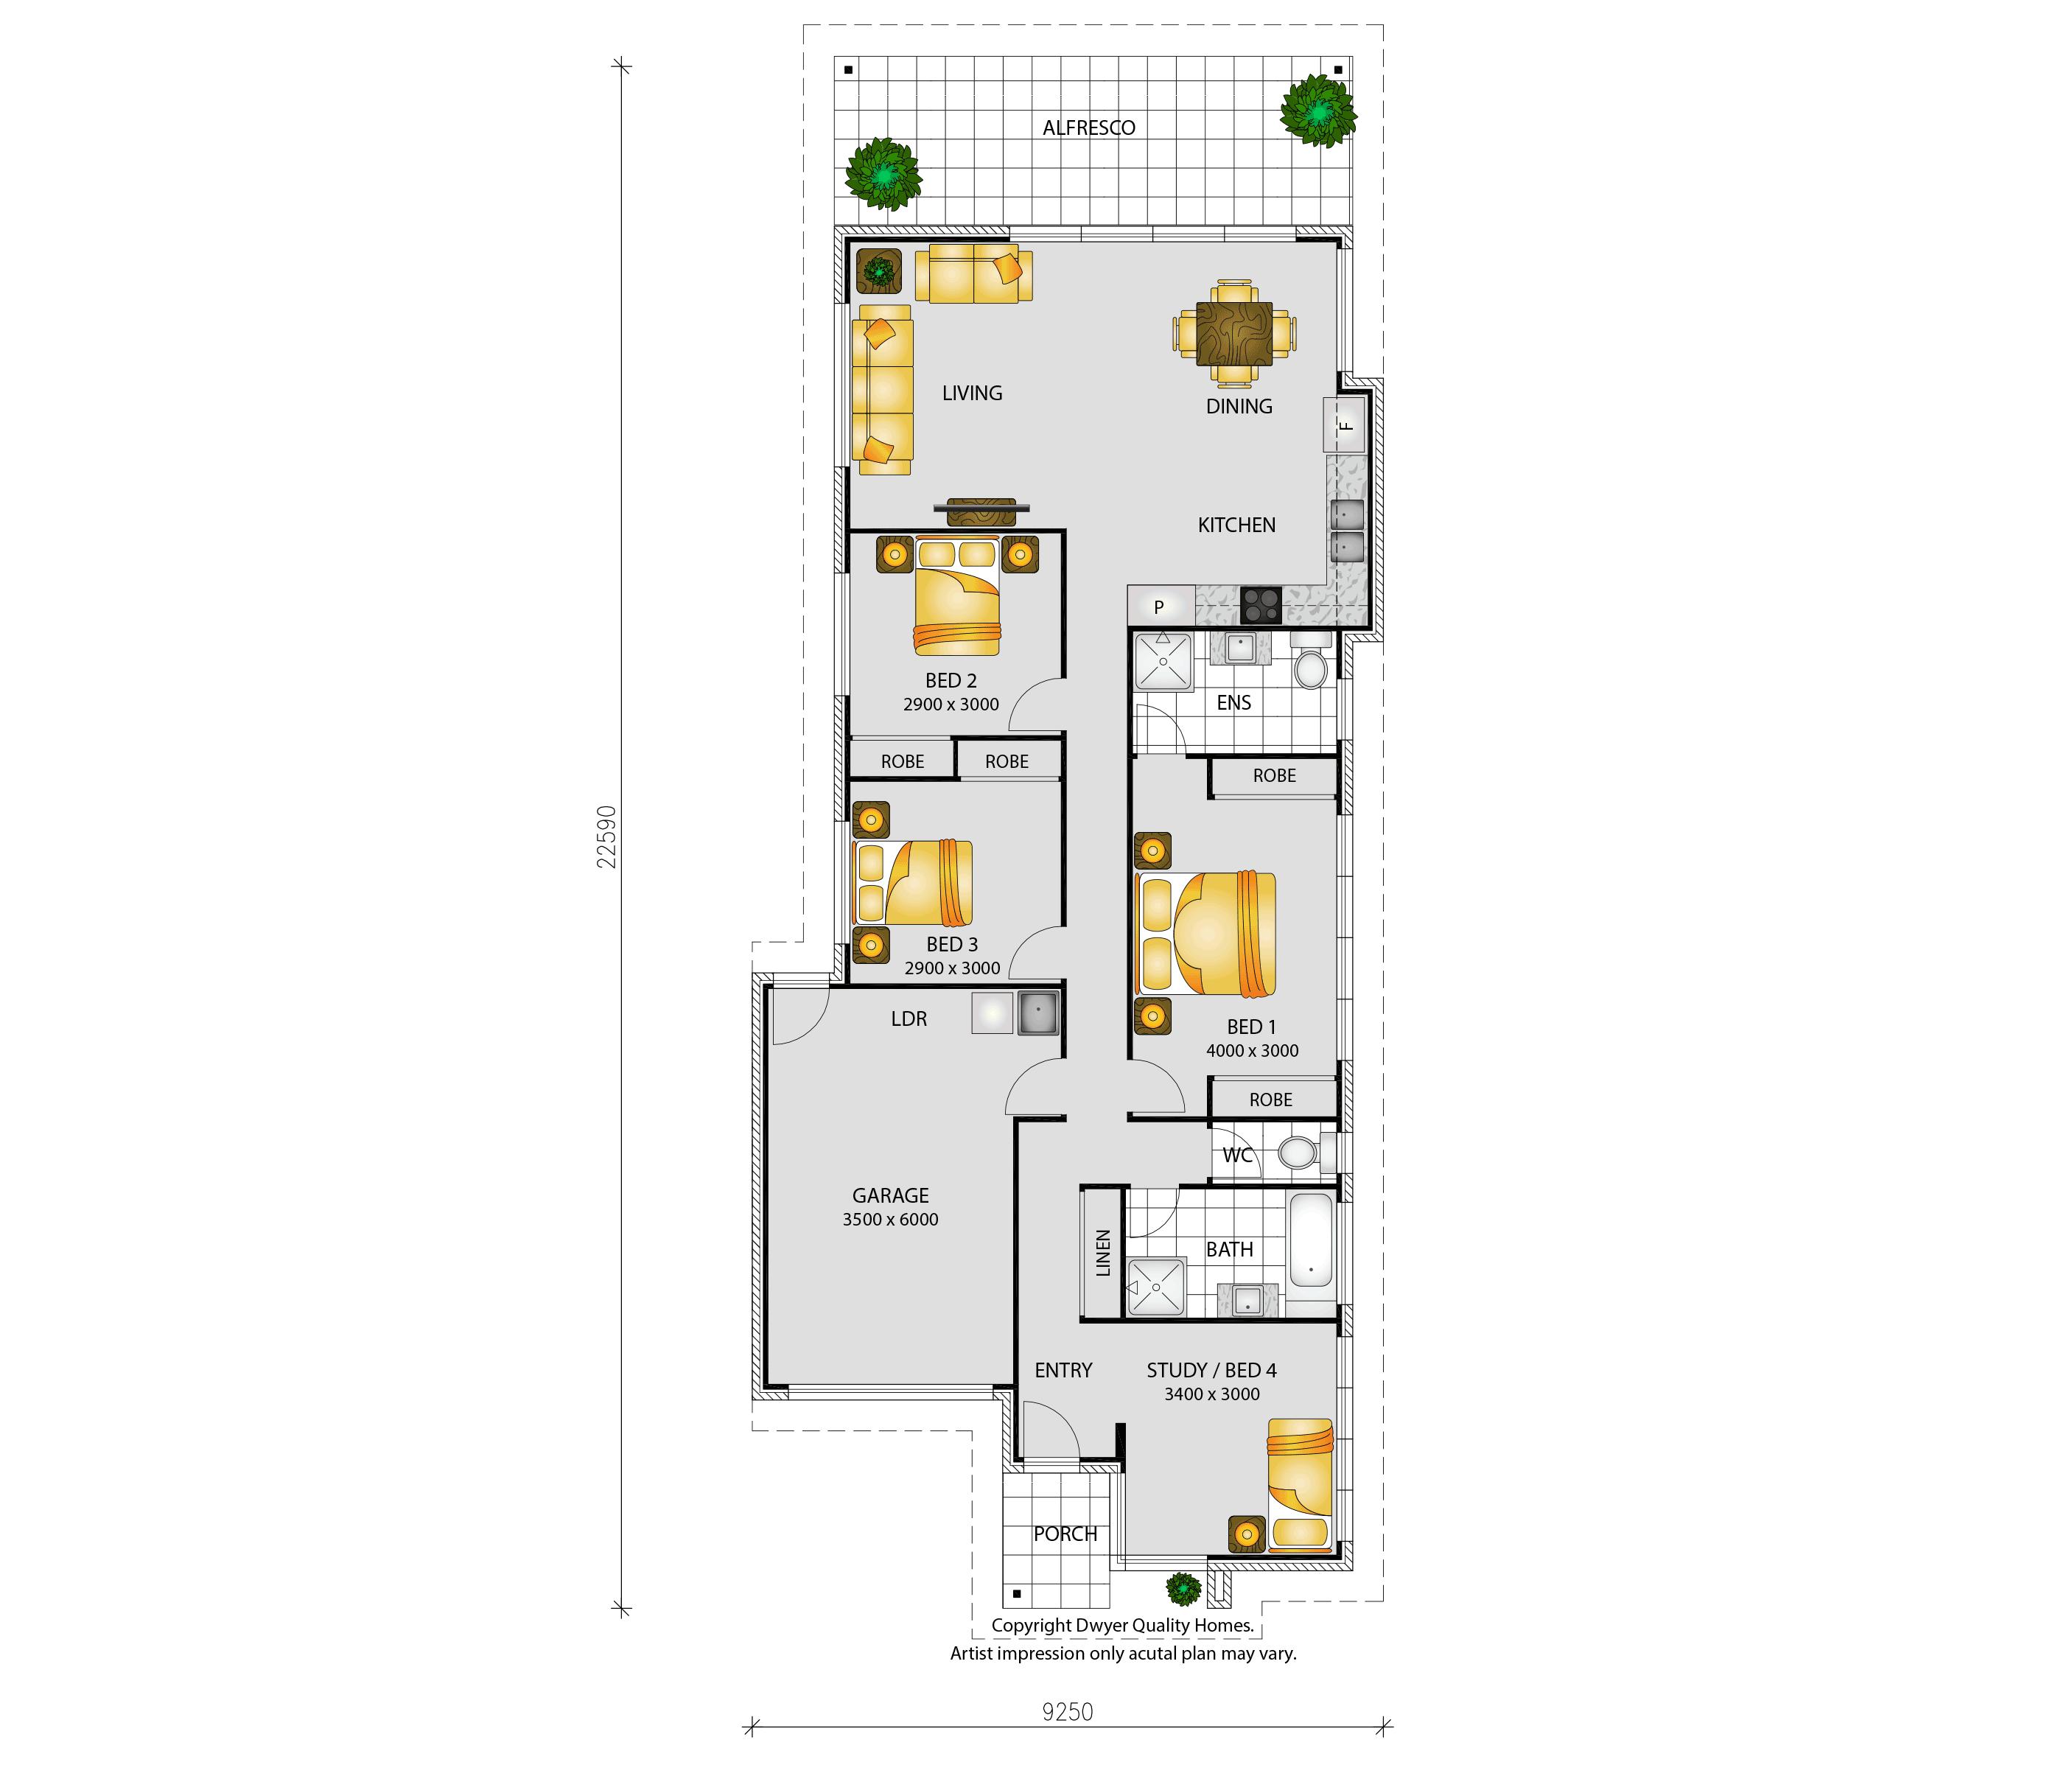 Elise - Floorplans